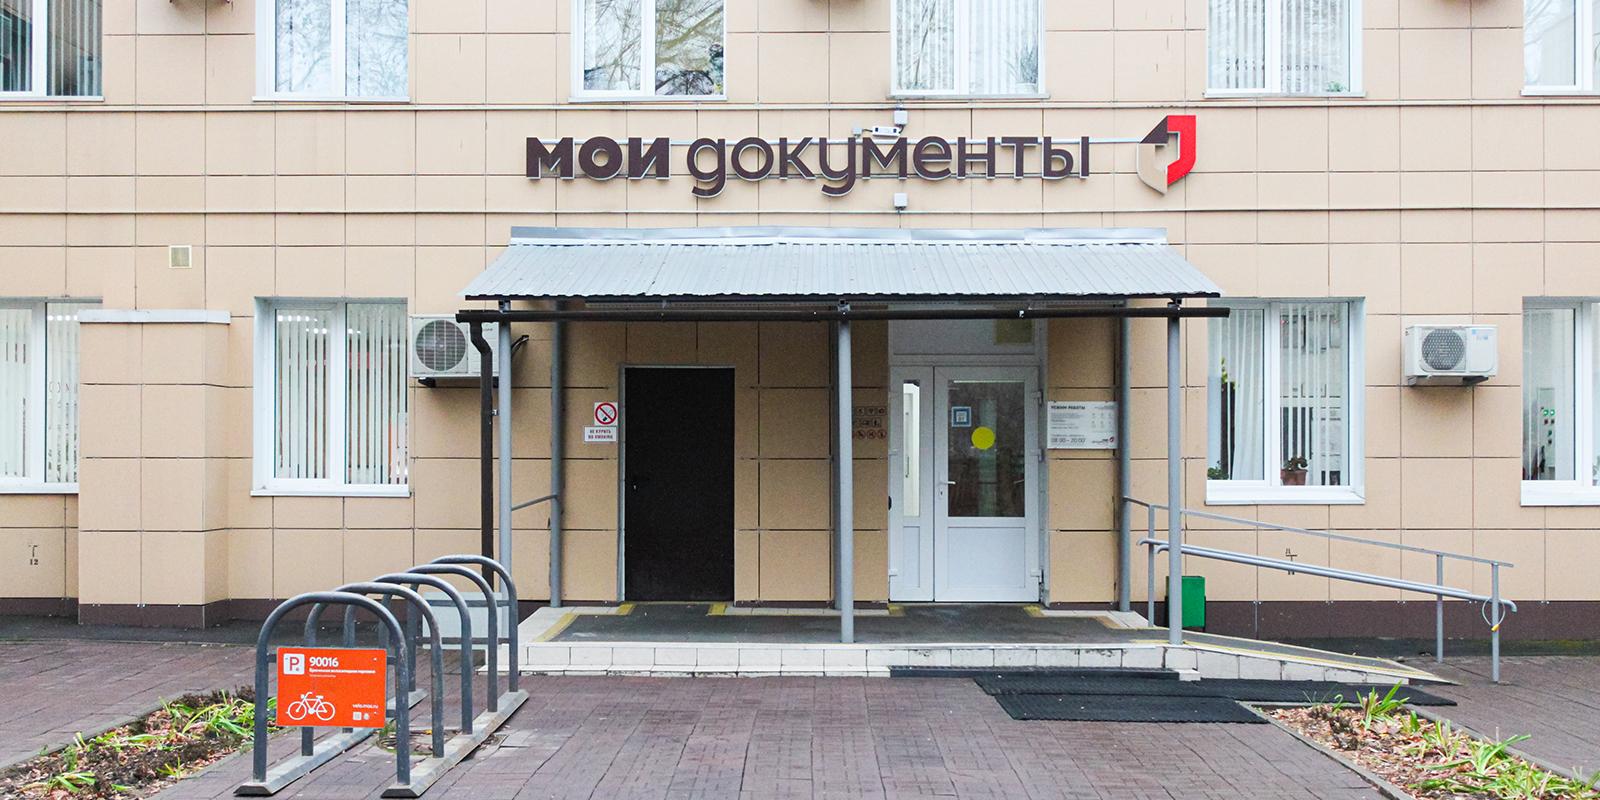 В центре госуслуг Мои документы района Алексеевский начался капитальный ремонт